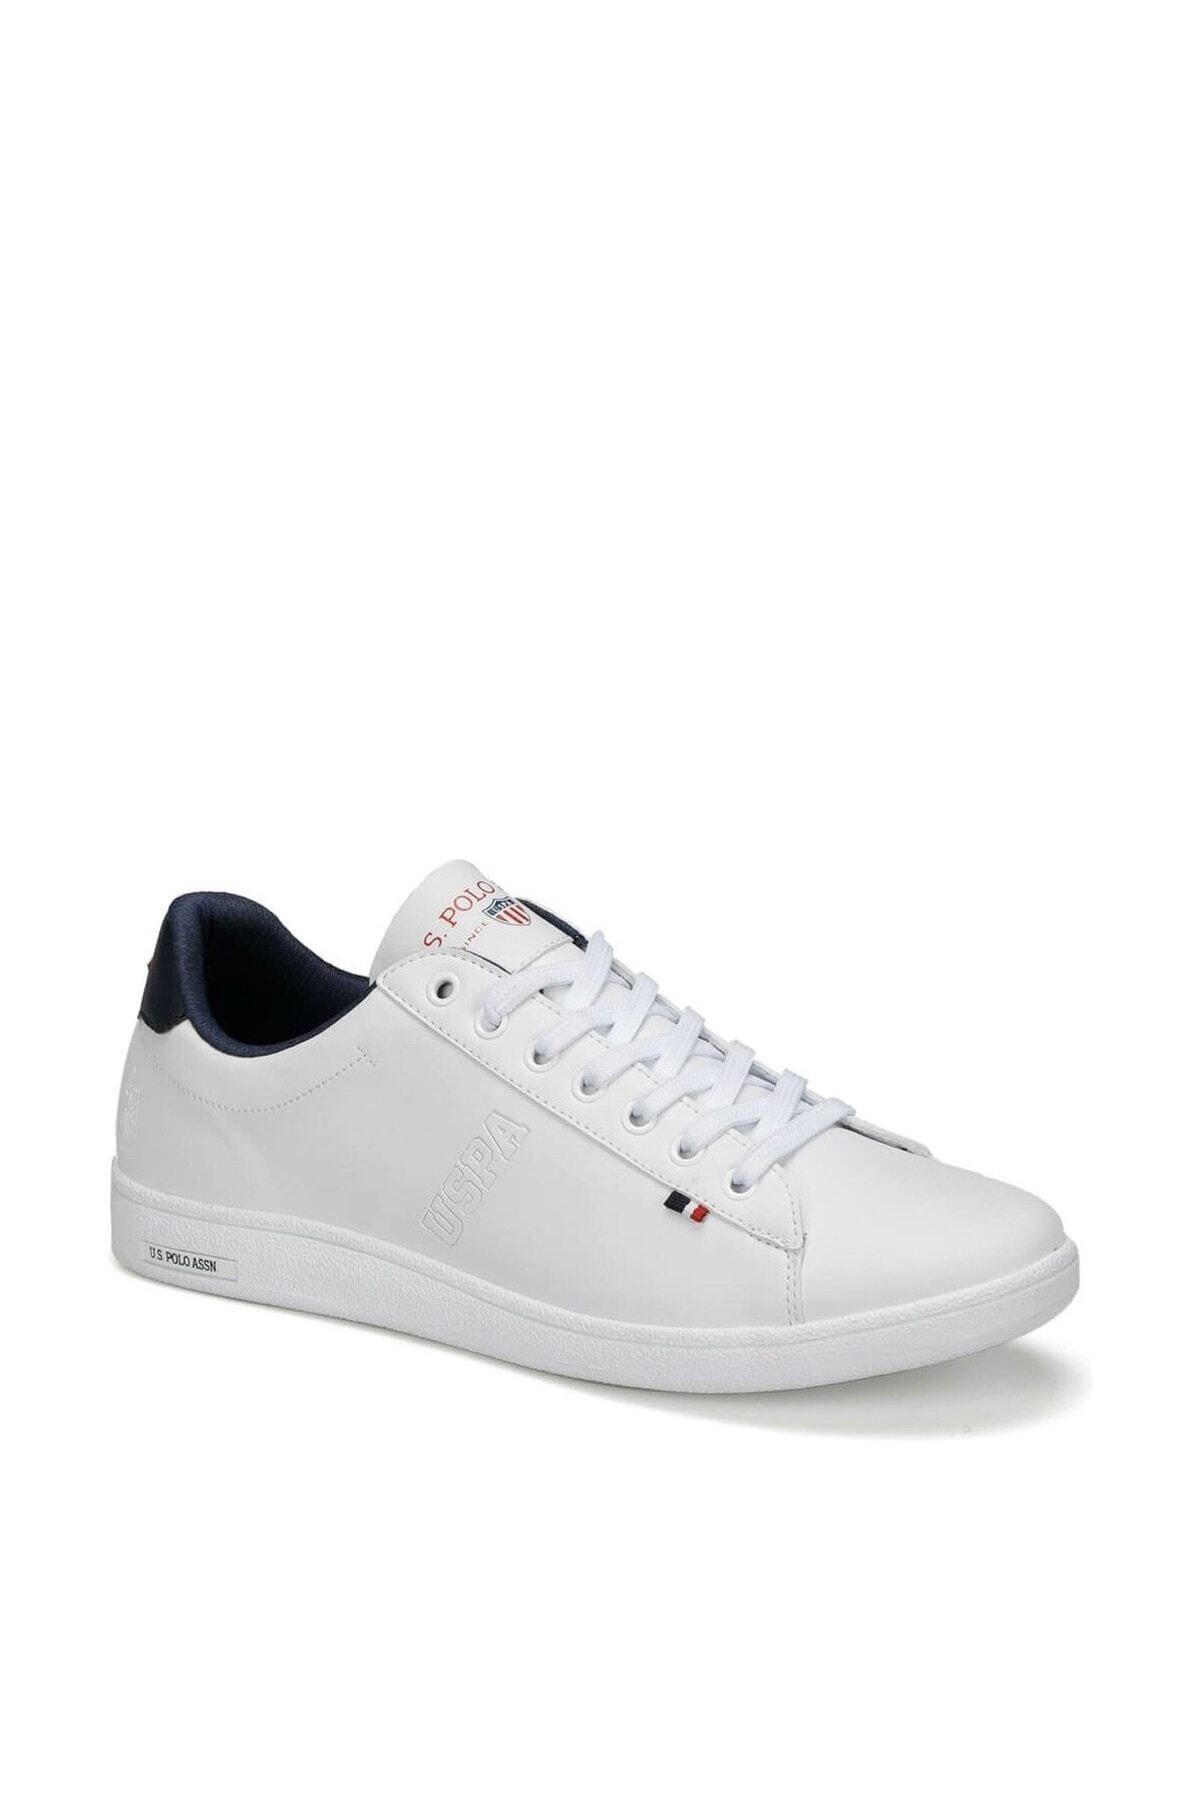 Polo FRANCO 9PR Beyaz Erkek Sneaker Ayakkabı 100417859 2